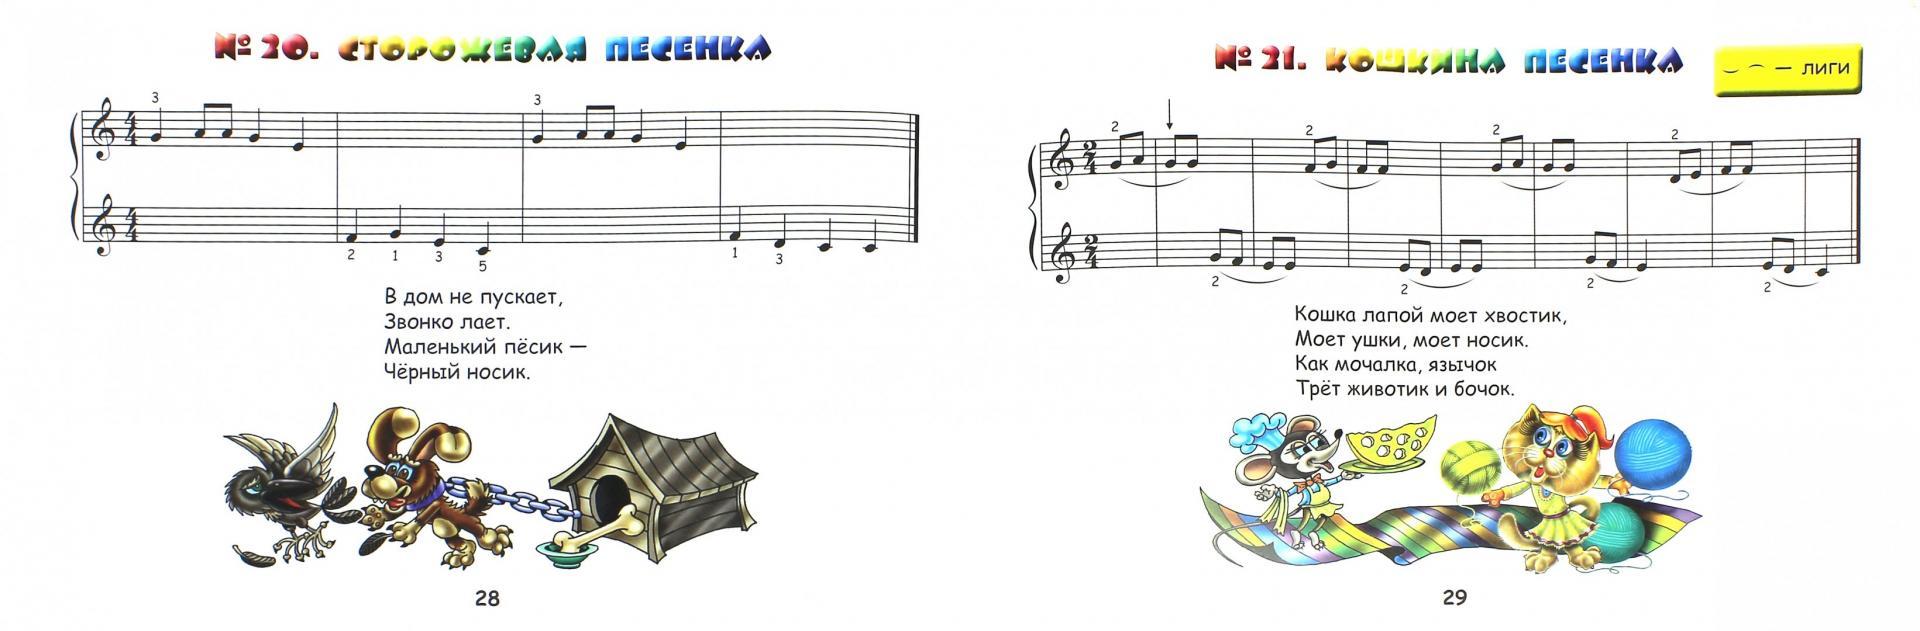 или ноты пианино для начинающих картинки плане